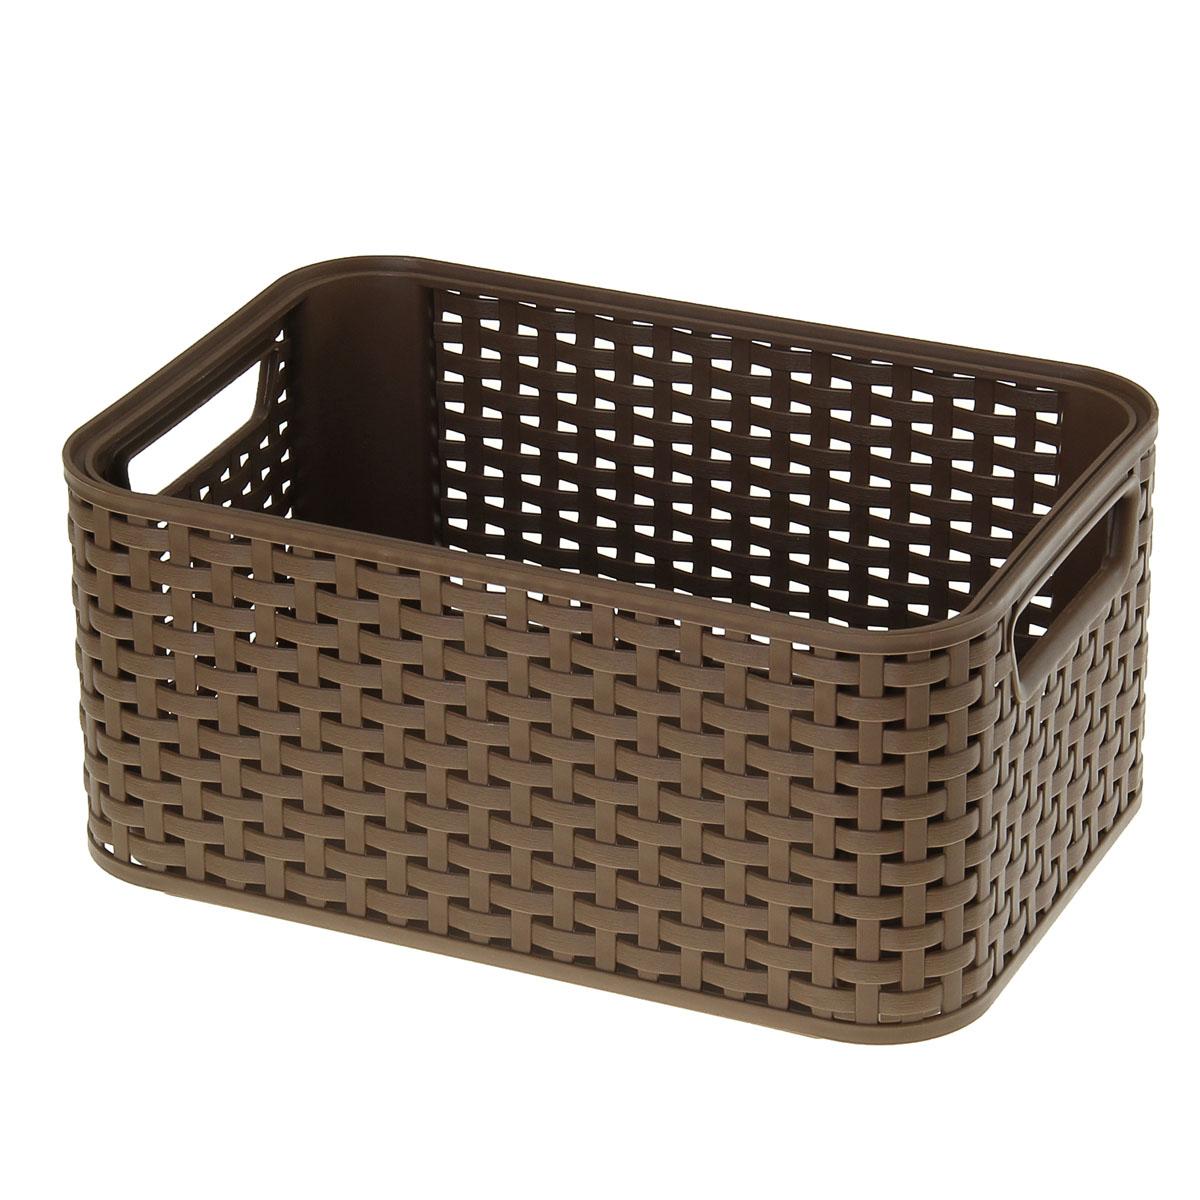 Корзинка Curver, цвет: коричневый, 29 х 19 х 13 см41619Корзинка Curver, изготовленная из высококачественного прочного пластика, предназначена для хранения мелочей в ванной, на кухне, даче или гараже. Изделие оснащено двумя удобными ручками.Это легкая корзина со сплошным дном, жесткой кромкой и небольшими отверстиями позволяет хранить мелкие вещи, исключая возможность их потери.